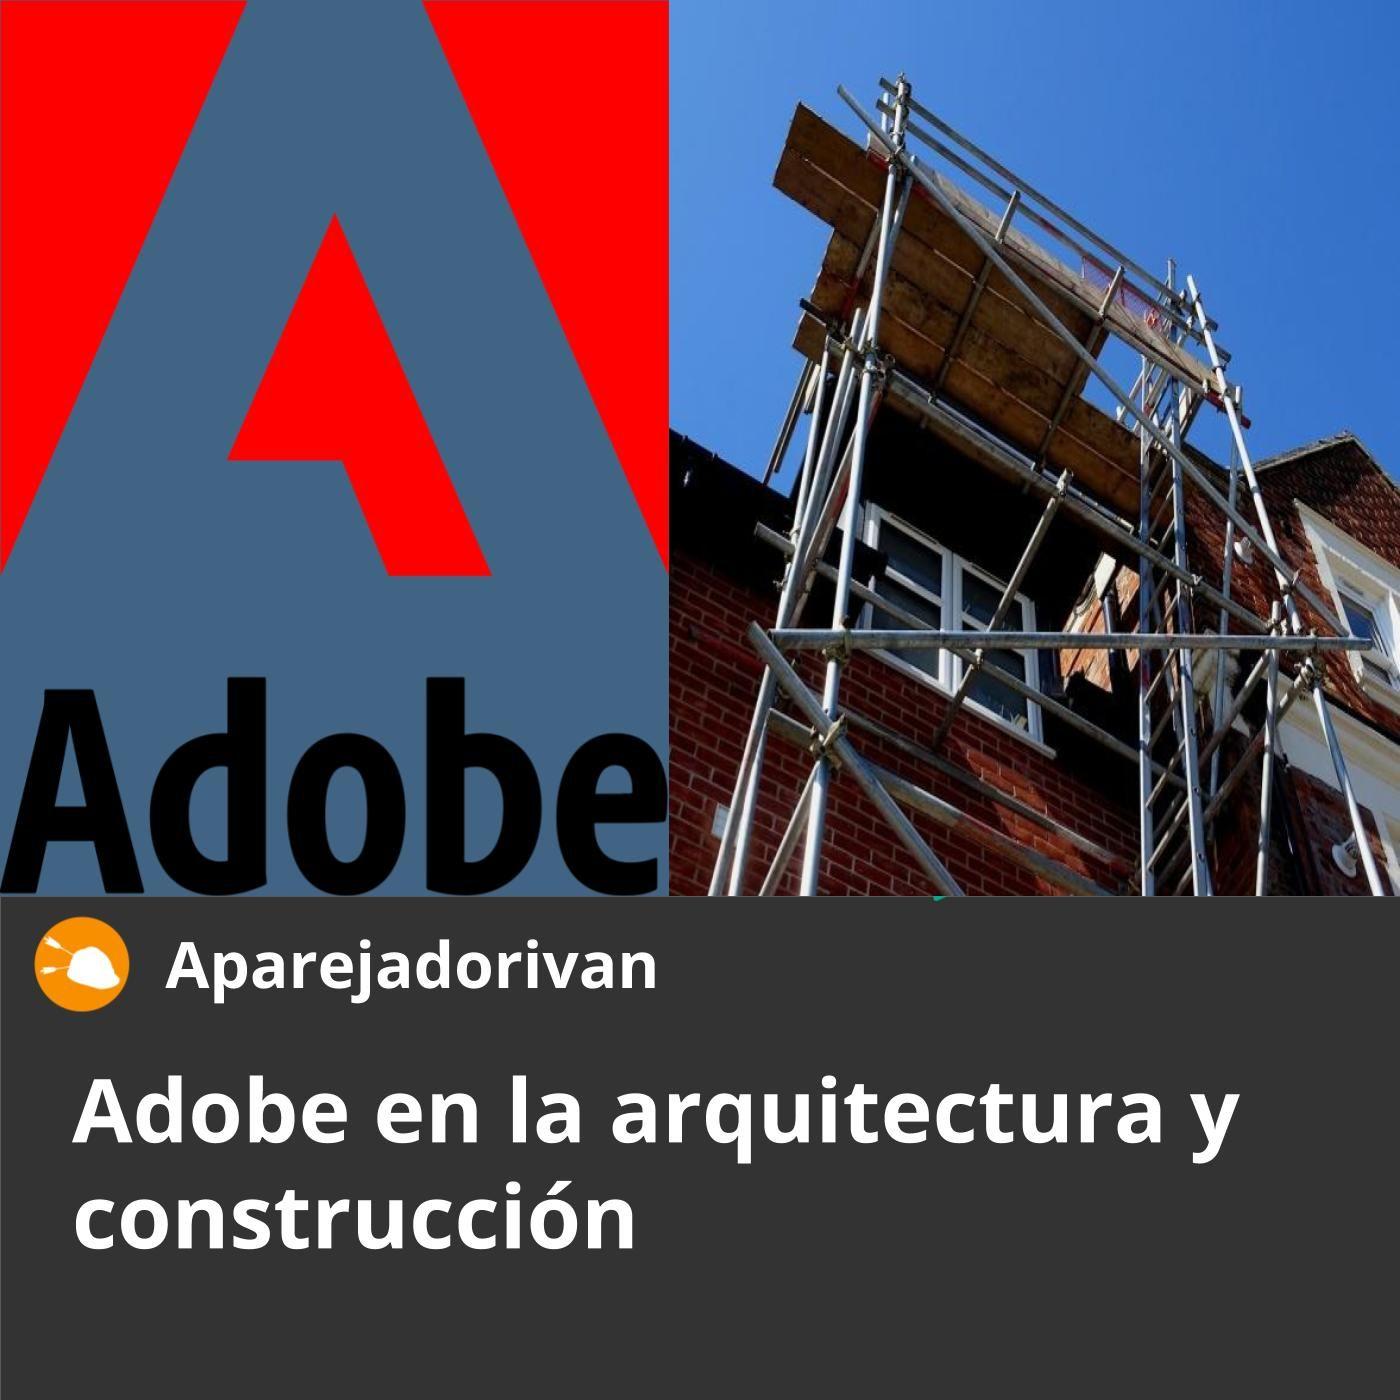 adobe en la arquitectura y construccion